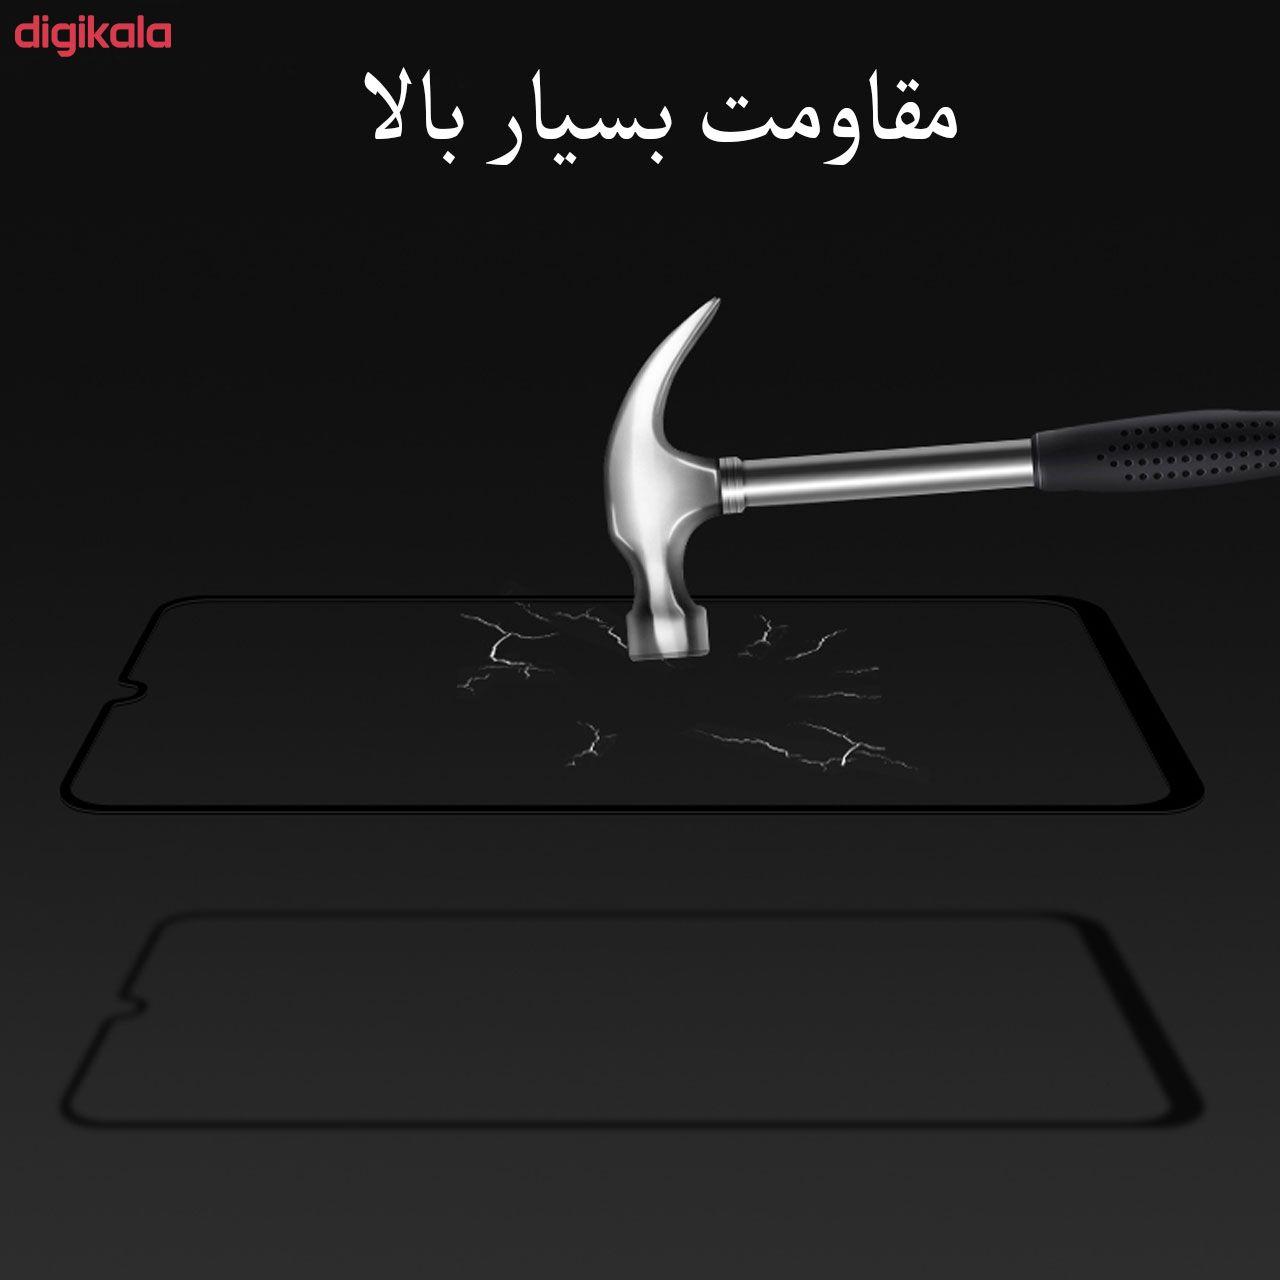 محافظ صفحه نمایش مدل FCG مناسب برای گوشی موبایل سامسونگ Galaxy A50 main 1 10